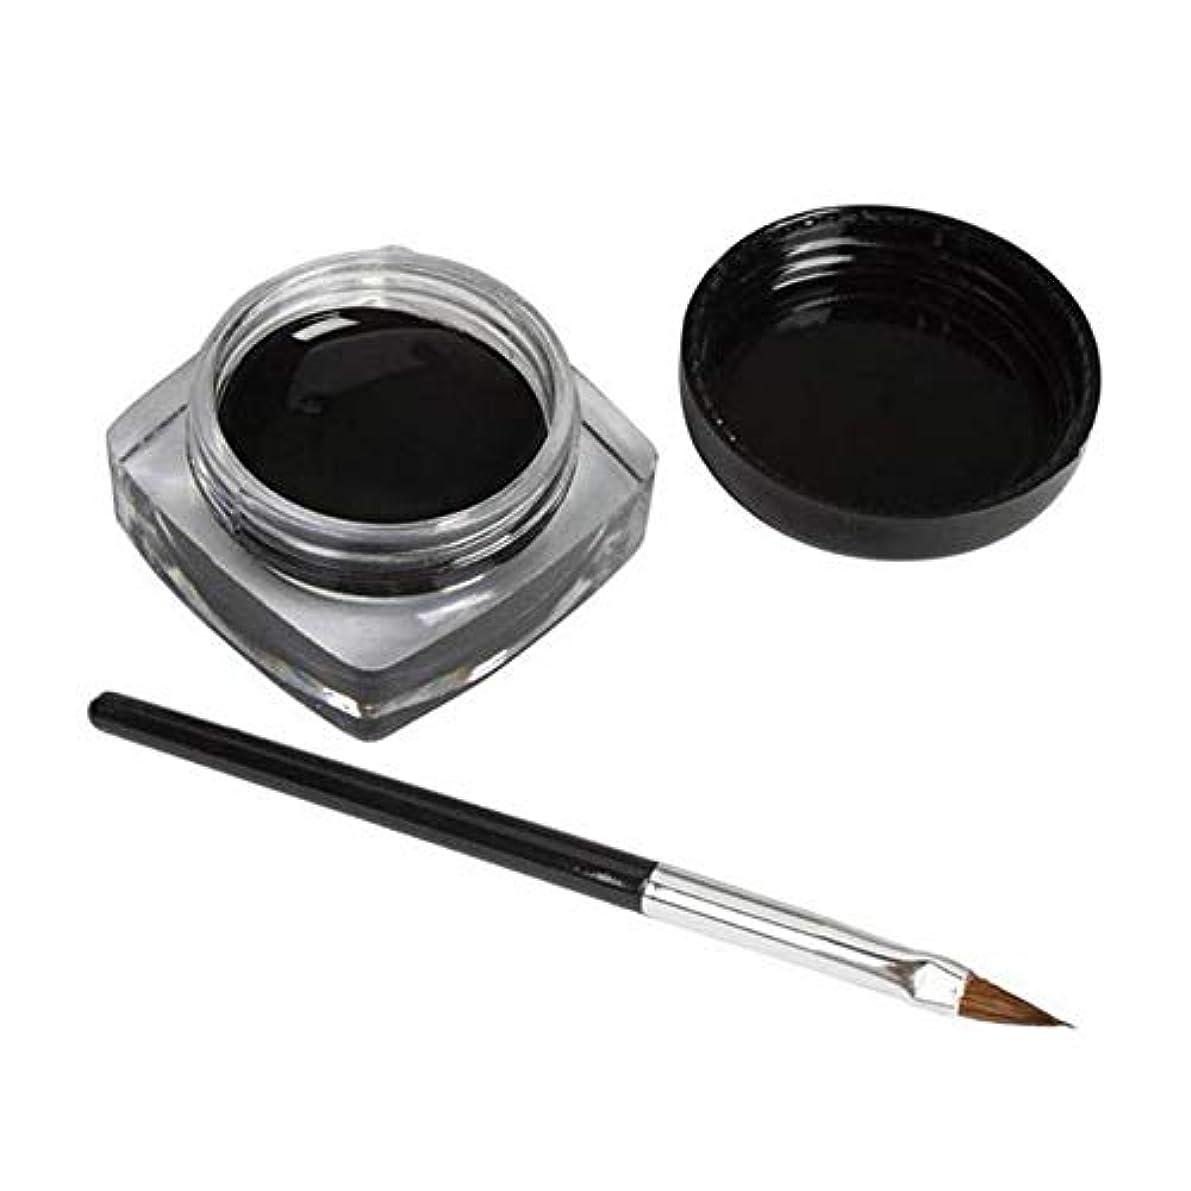 振幅バンドル微弱3 PCSミニアイライナージェルクリームブラシメイクアップ化粧品ブラックライフ防水E